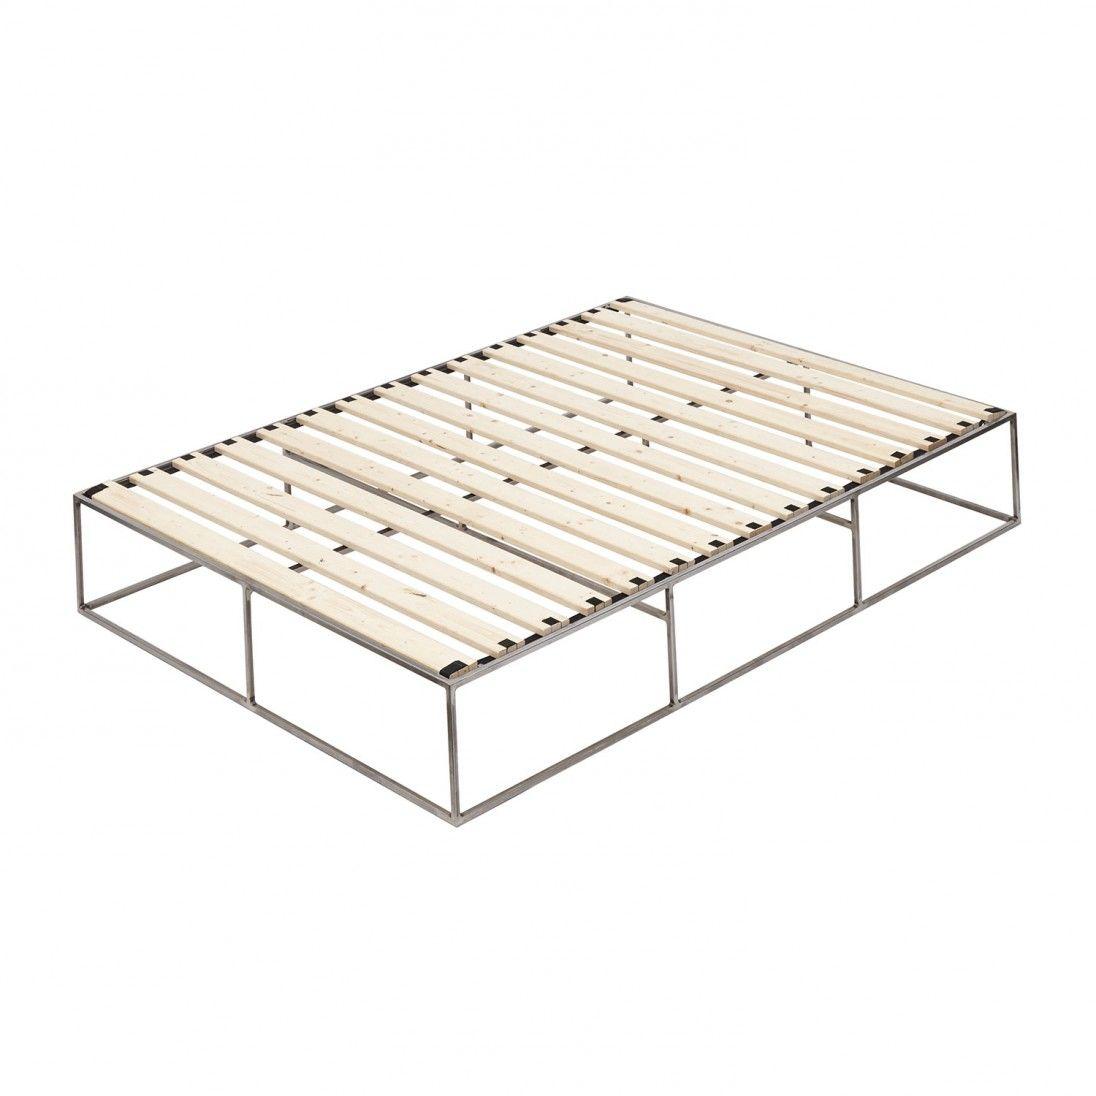 Metallbett   Stahlbett   Metal Bed   Minimalistisch   Minimalist    Industriedesign   Industrial Design   Monoqi